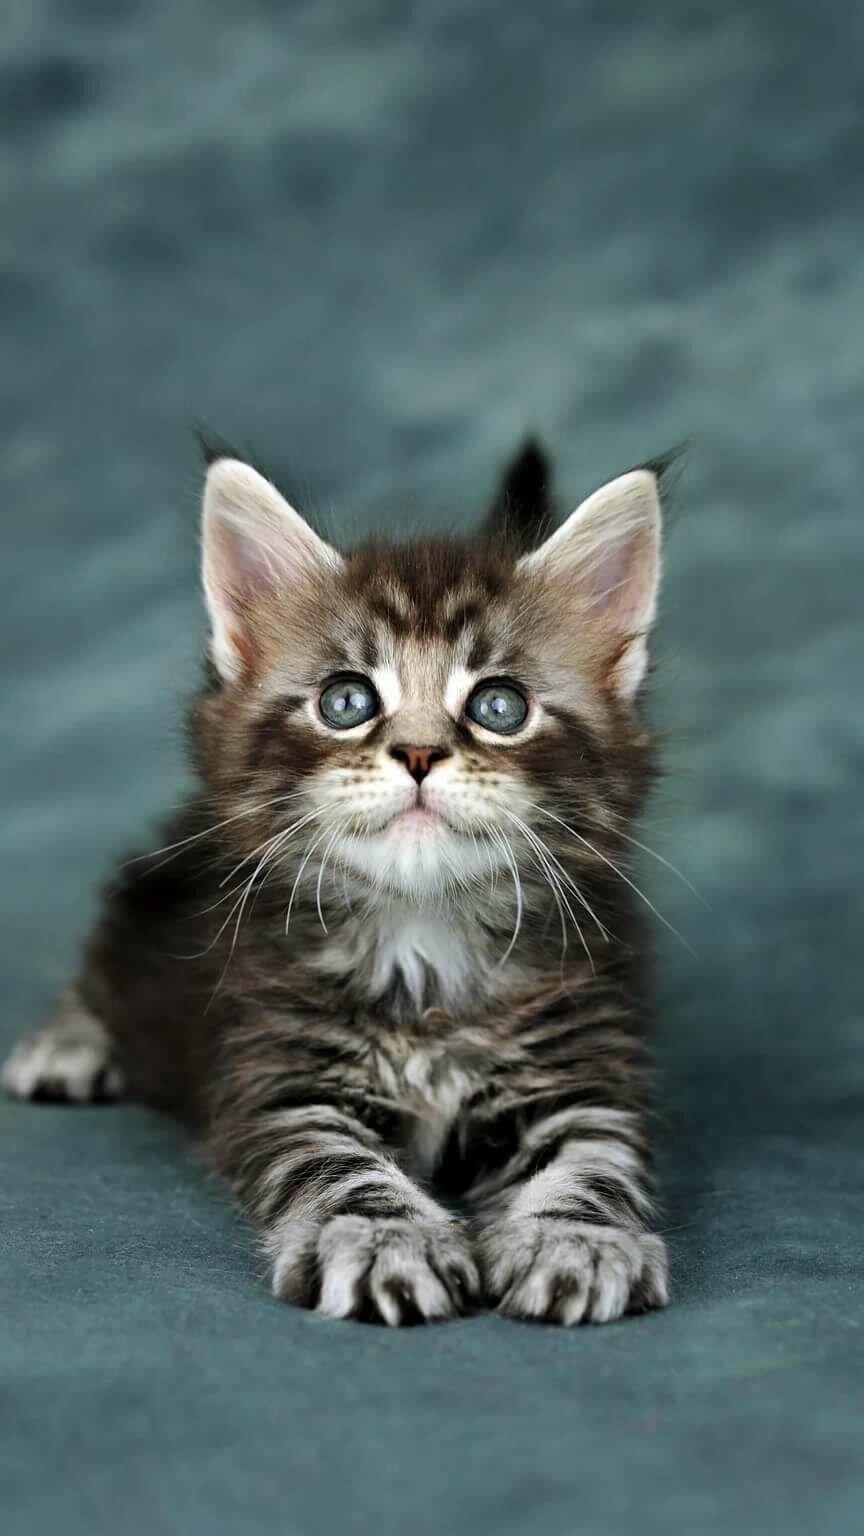 разновидность кошки картинки для мобильного является простым